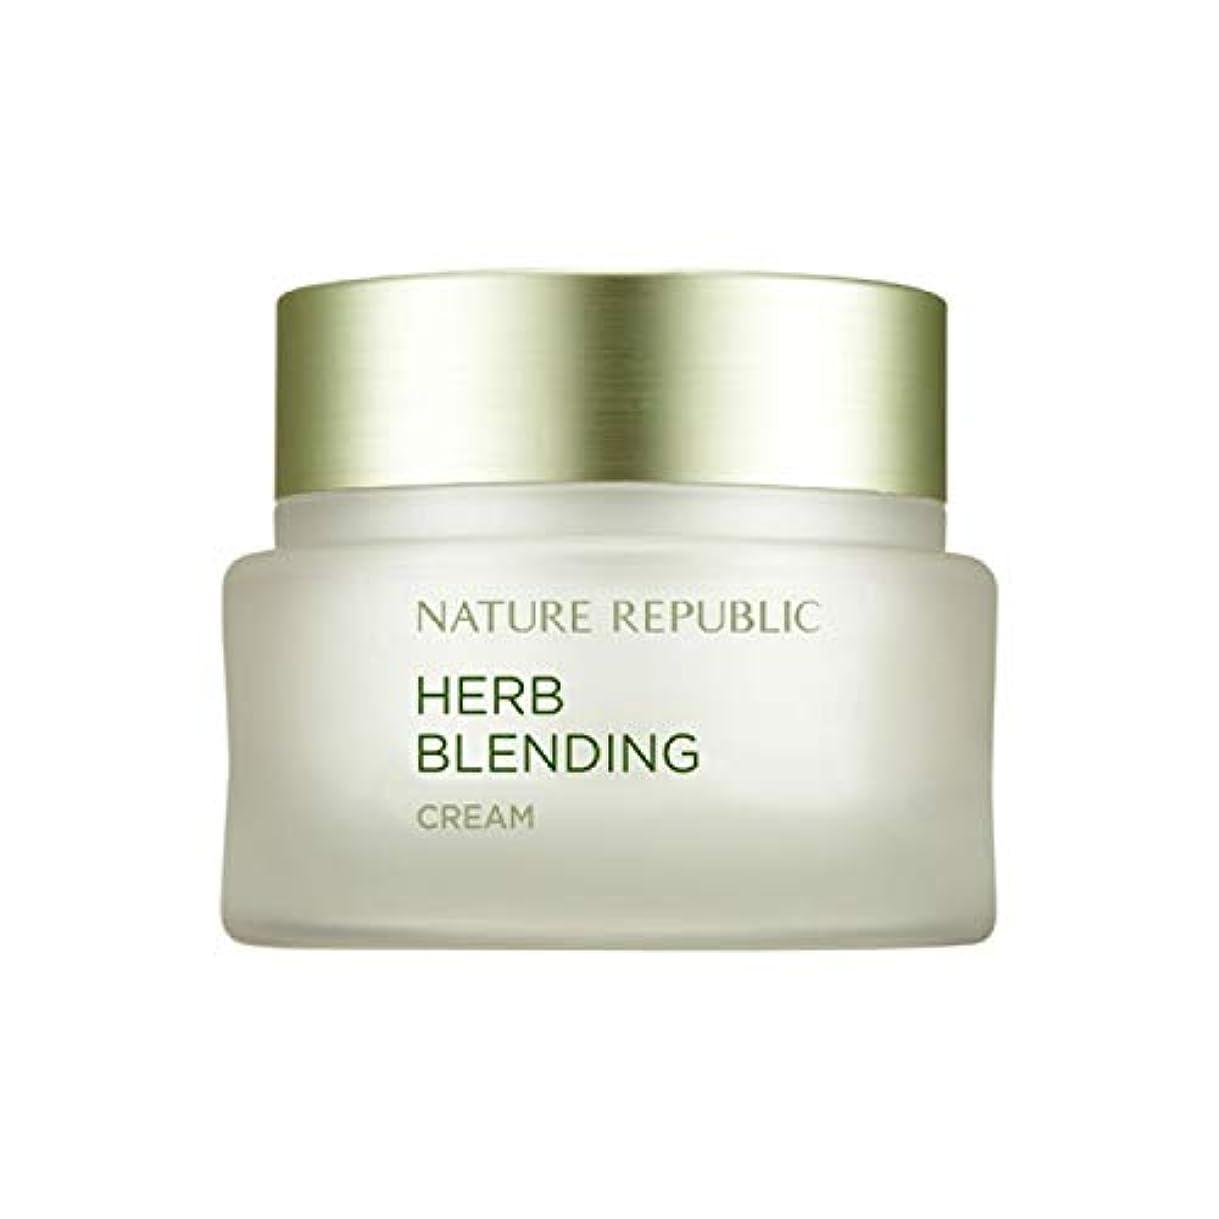 そこから中で受粉するネイチャーリパブリック(Nature Republic)ハブブレンドクリーム 50ml / Herb Blending Cream 50ml :: 韓国コスメ [並行輸入品]